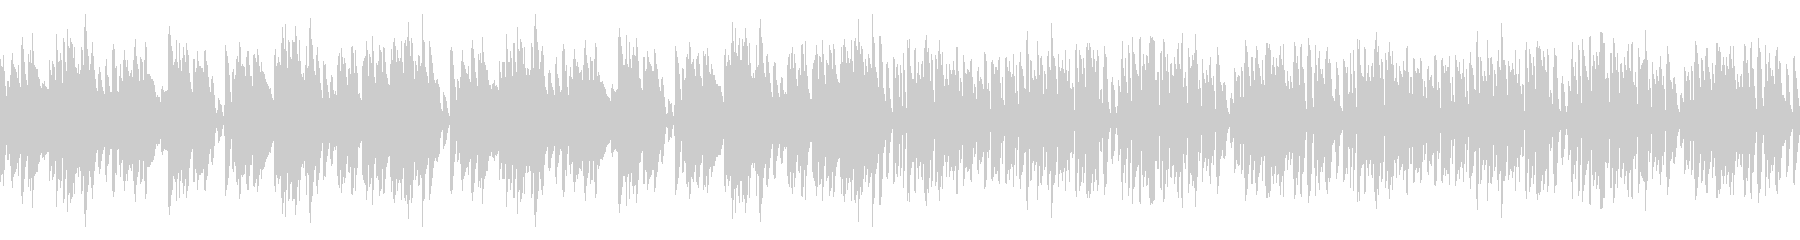 レトロピアノ名曲エンターテイナー(ループの未再生の波形